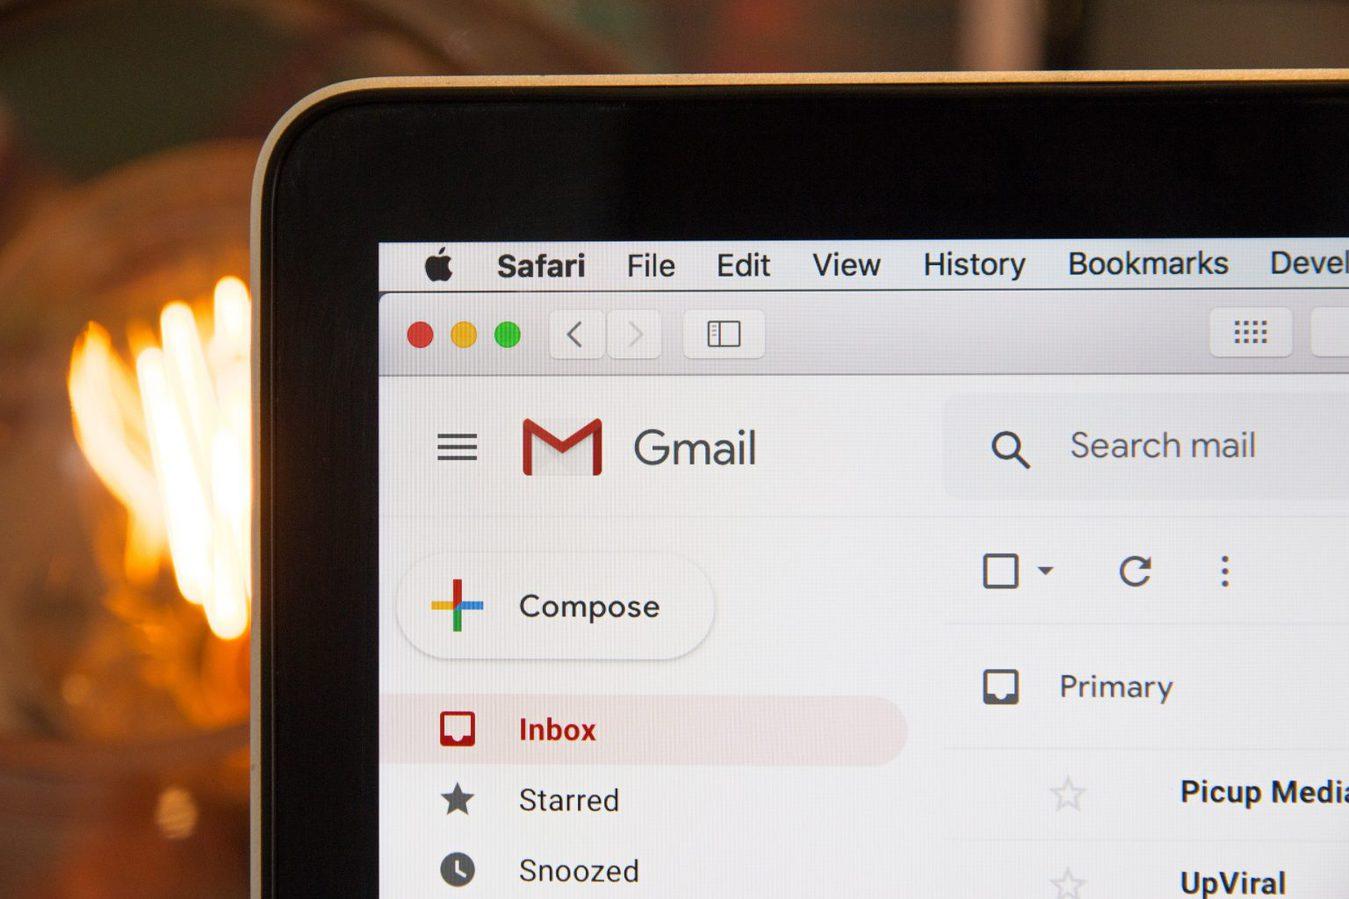 Skrzynka odbiorcza Gmail na ekranie laptopa